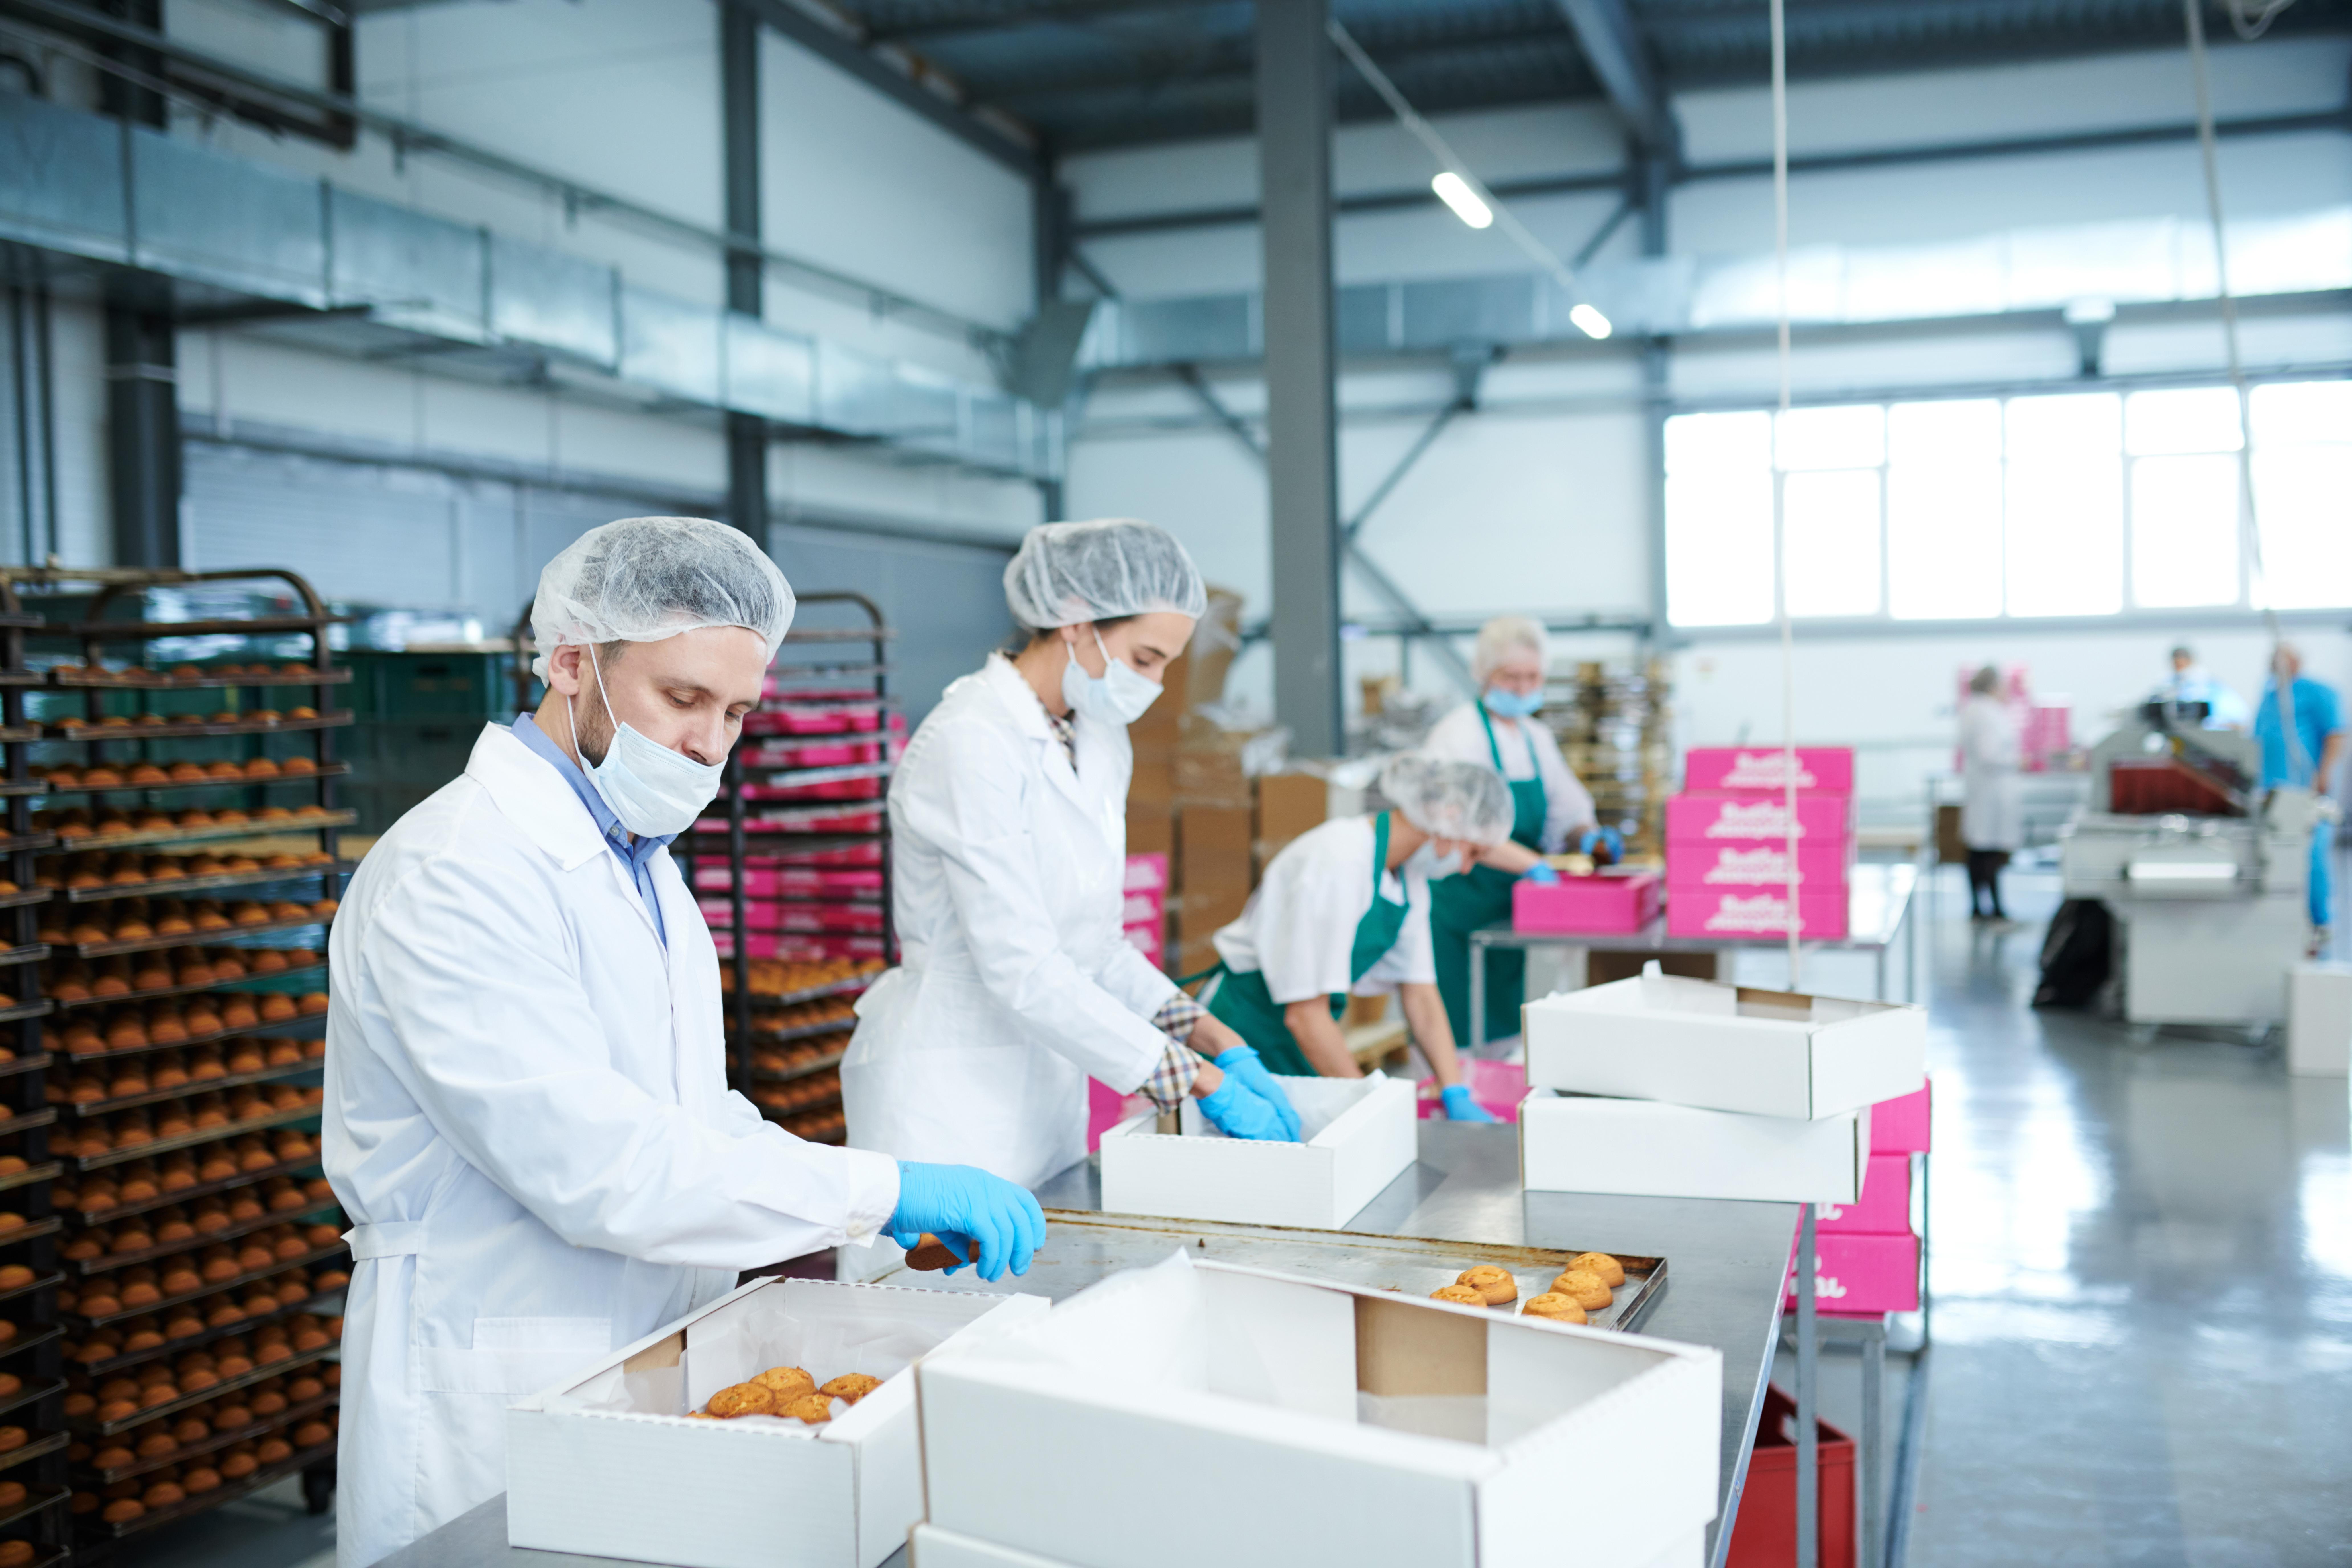 Работа на кондитерской фабрике в Польше